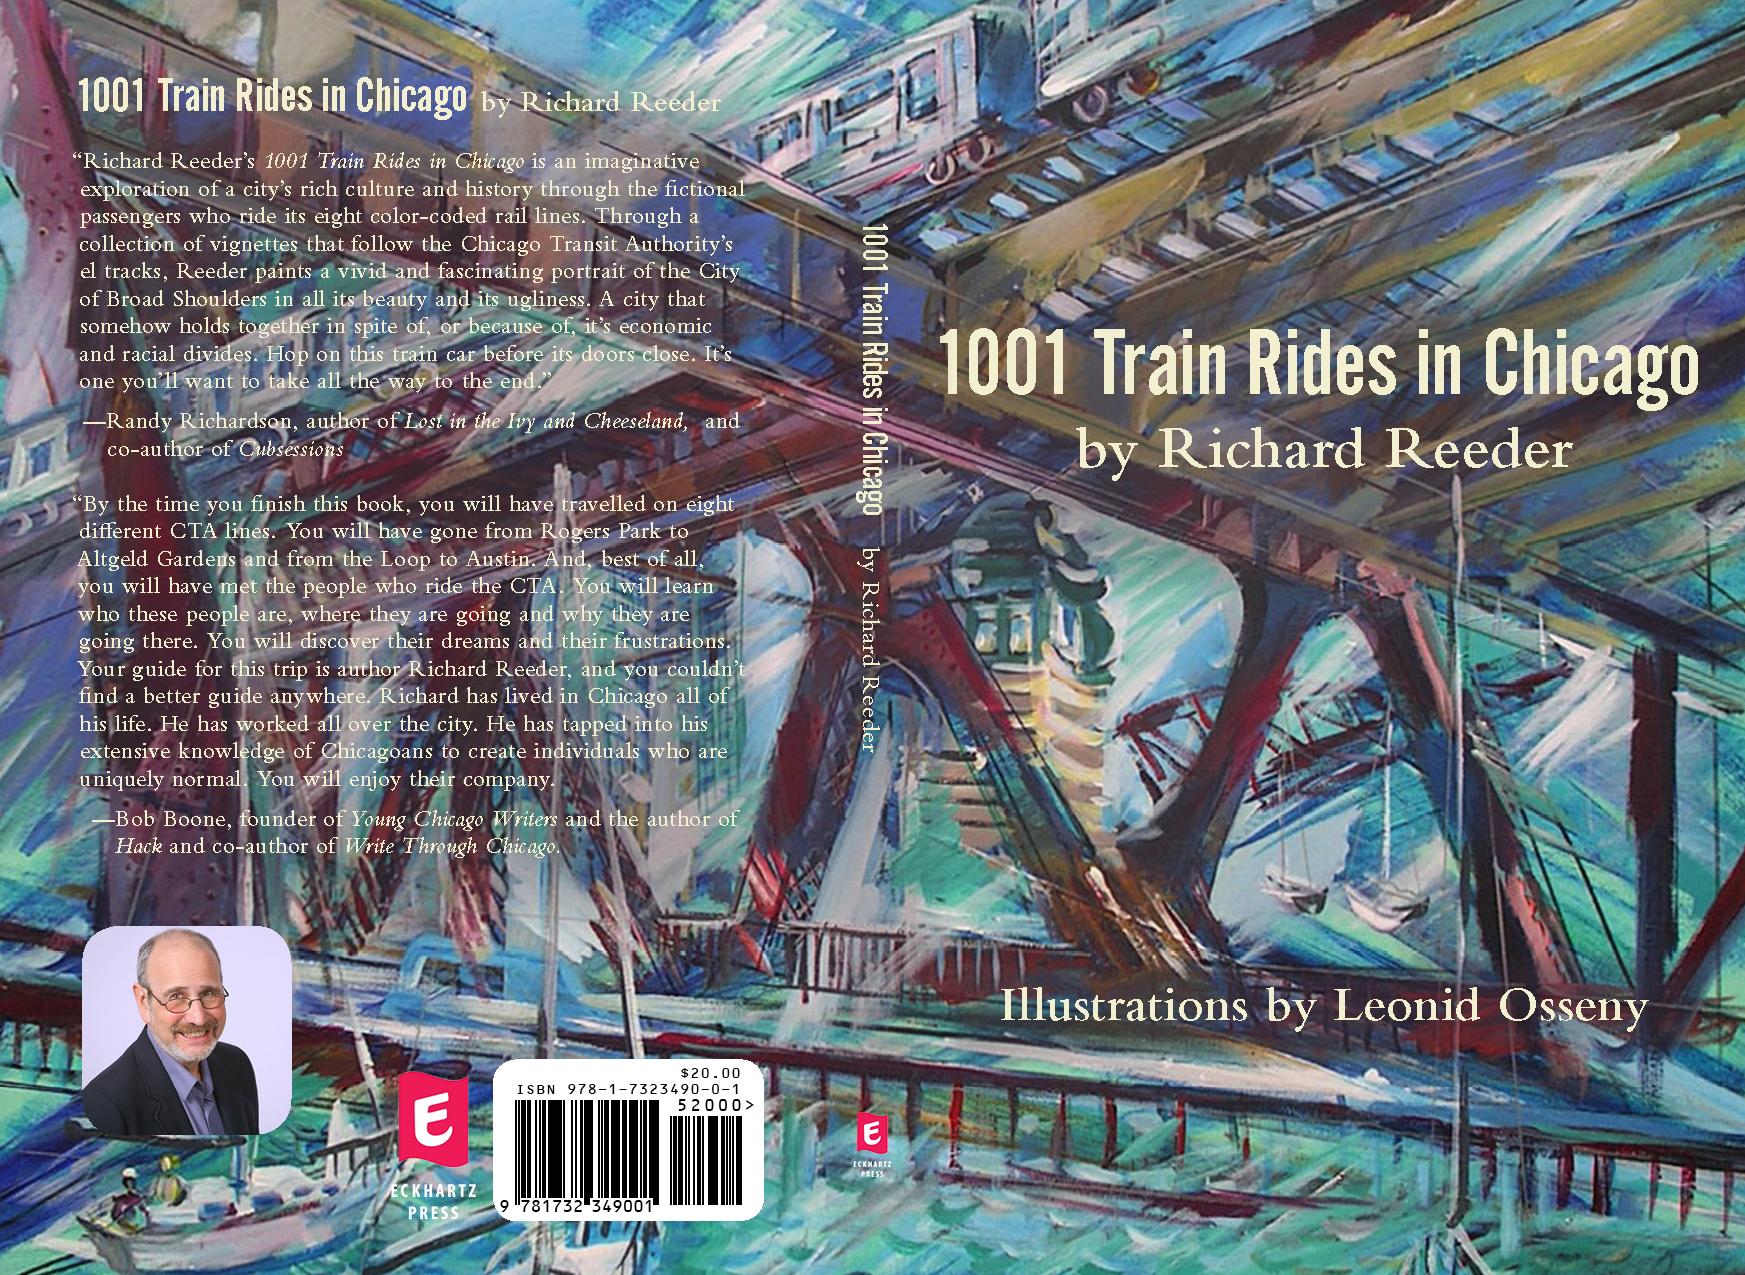 1001finalcover.jpg